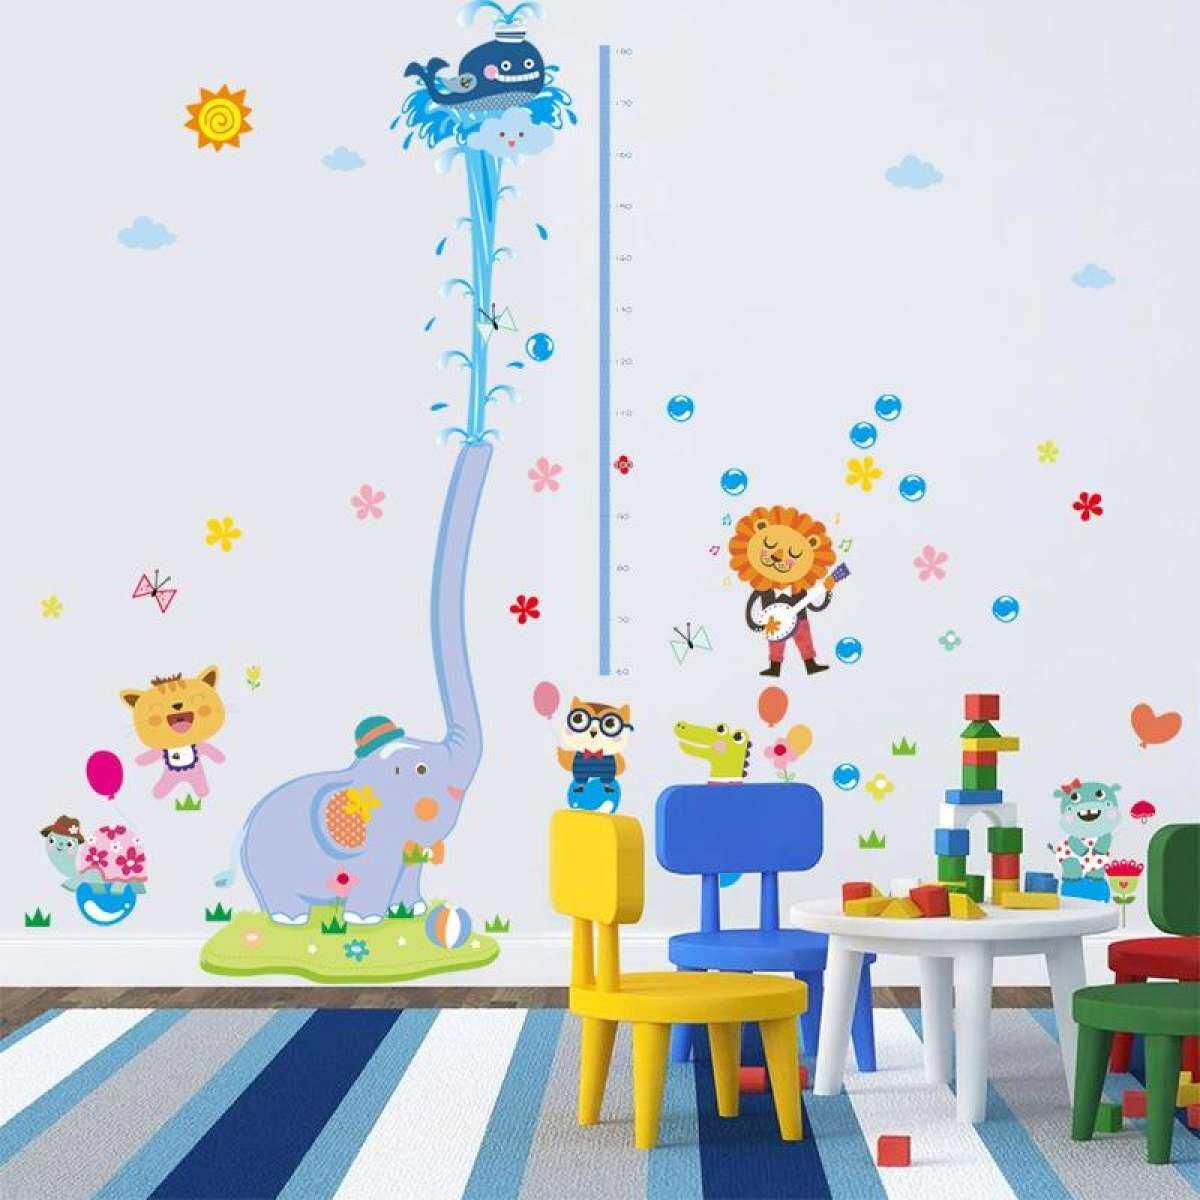 192 Cm X 165 Cm Grafik Pertumbuhan Anak-anak Tinggi Mengukur Stiker Dinding Besar Kualitas Baik Paster untuk Diy Anak & # X27; kamar S-Kartun Gajah Semprot ...